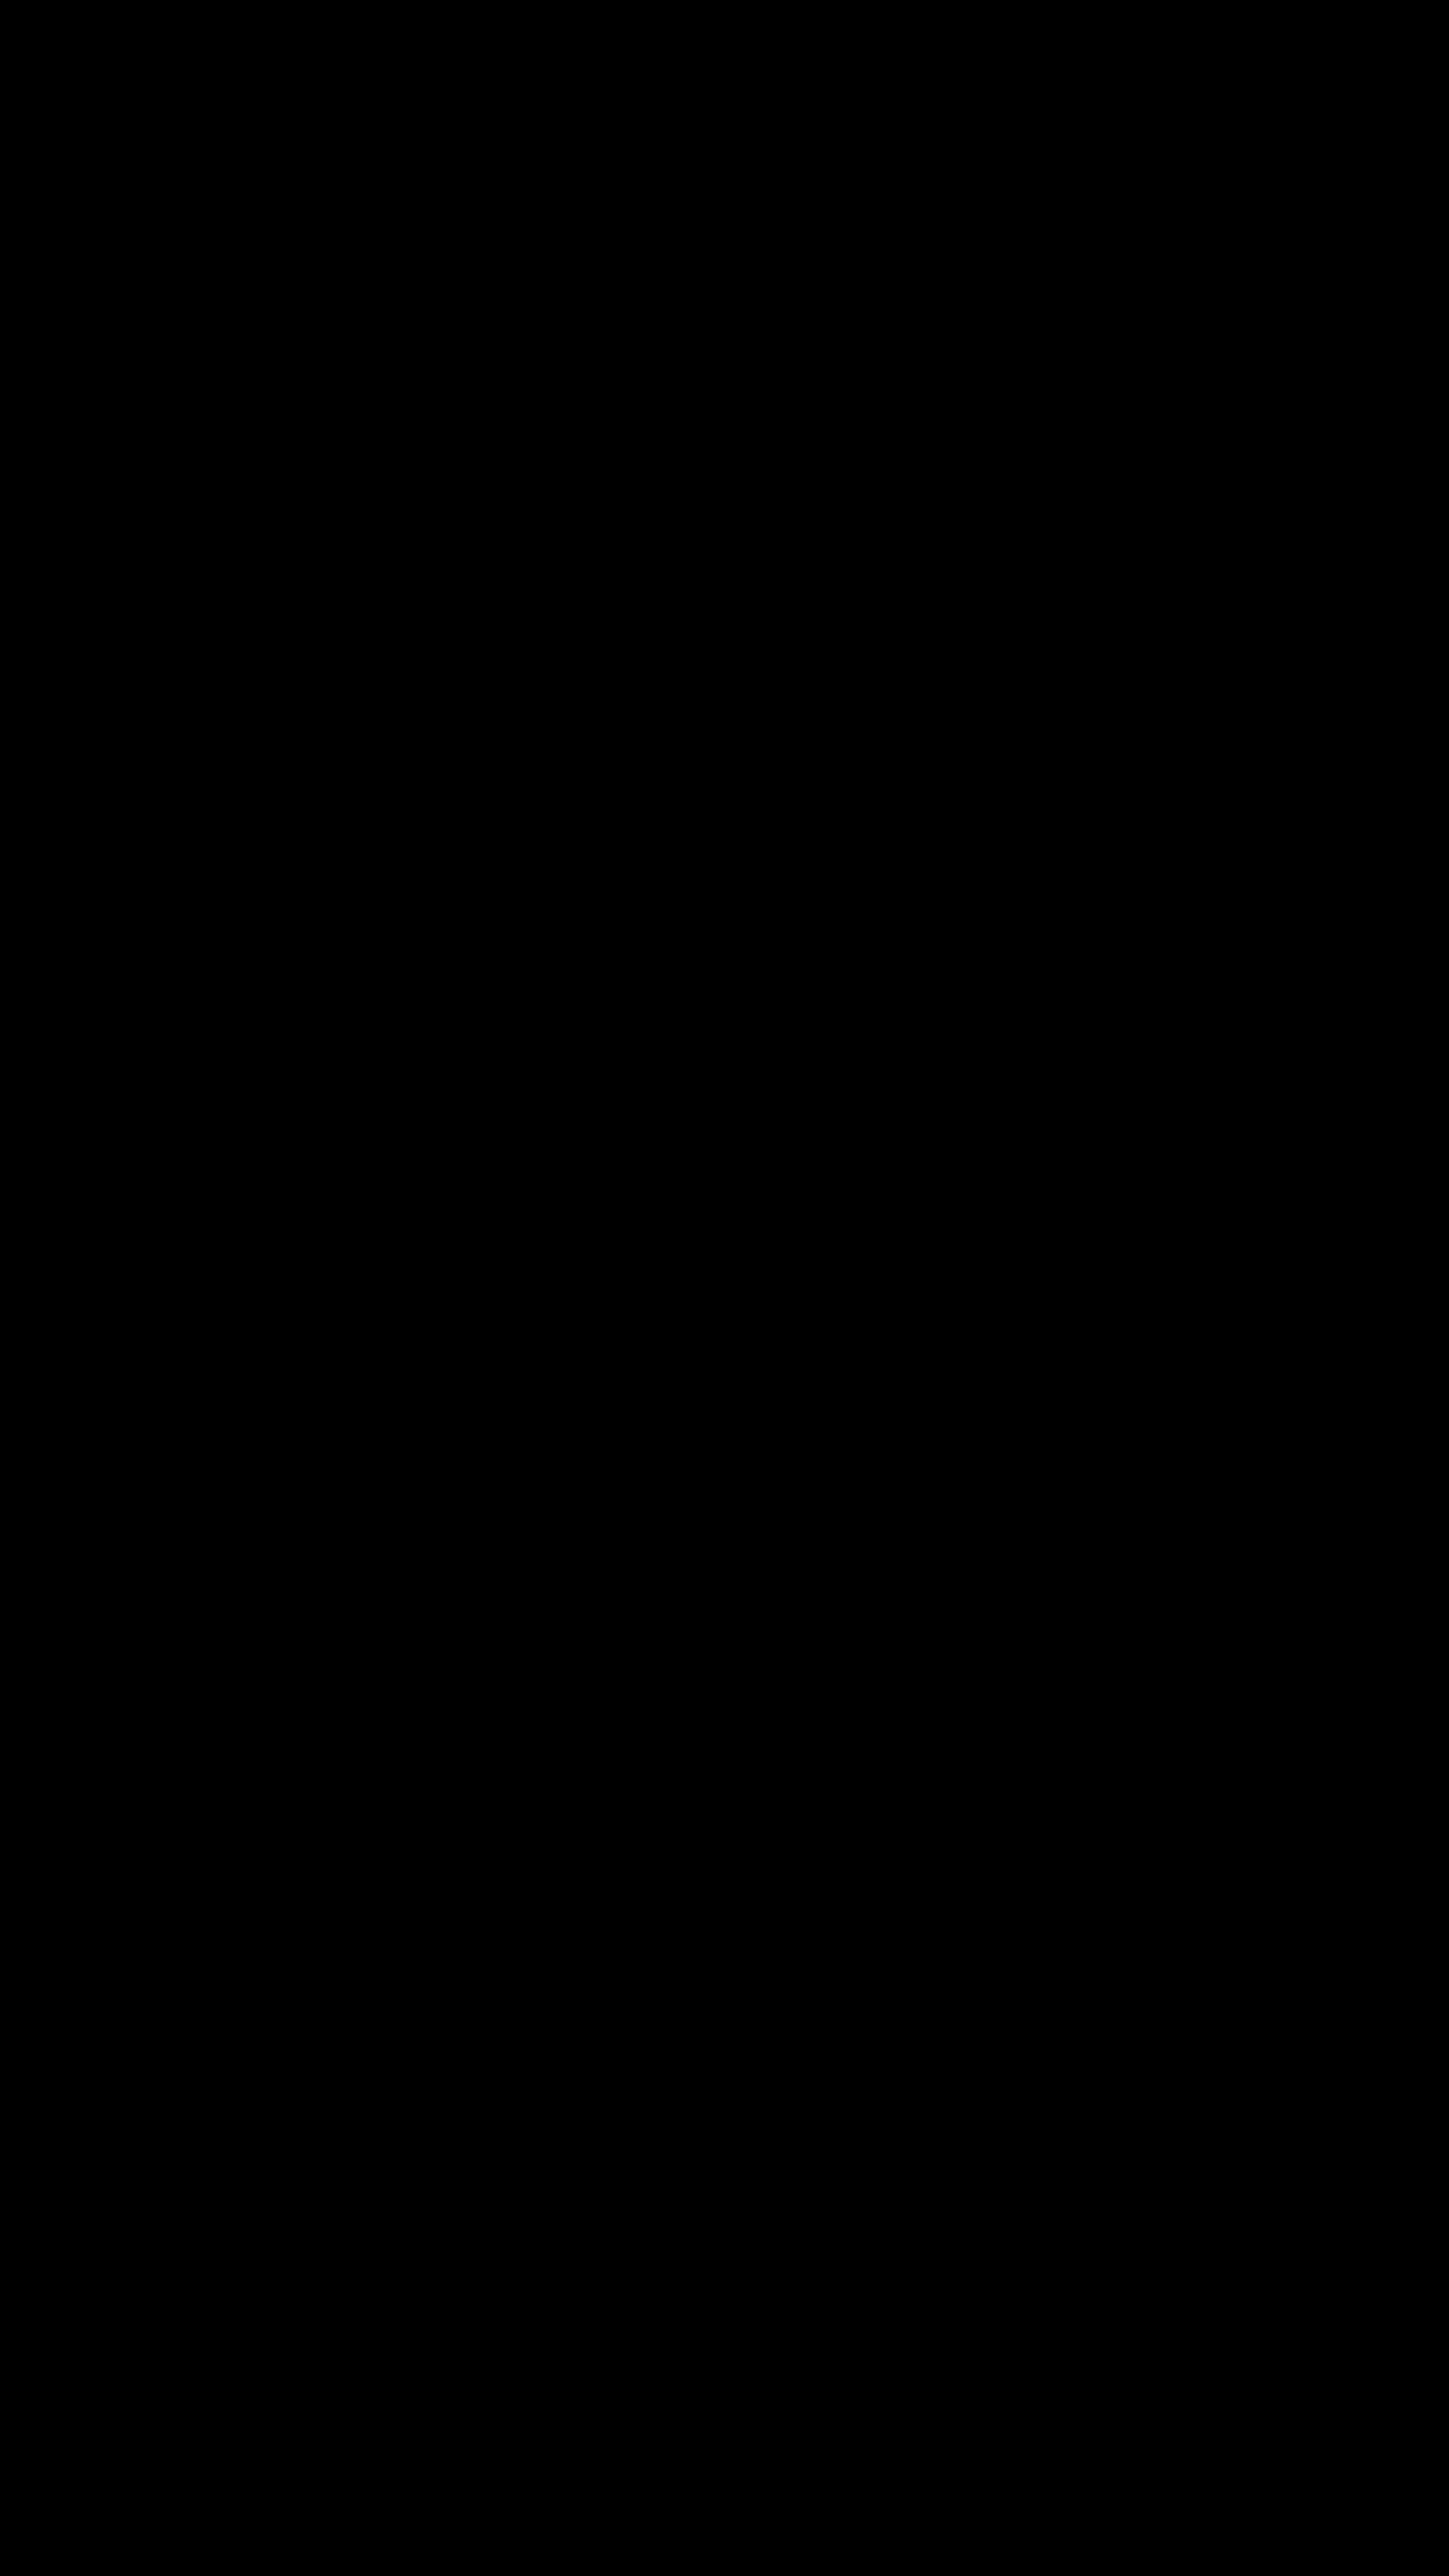 1987 Rolex G.M.T. MASTER II DATE – Ref. 16760 Coke Dial